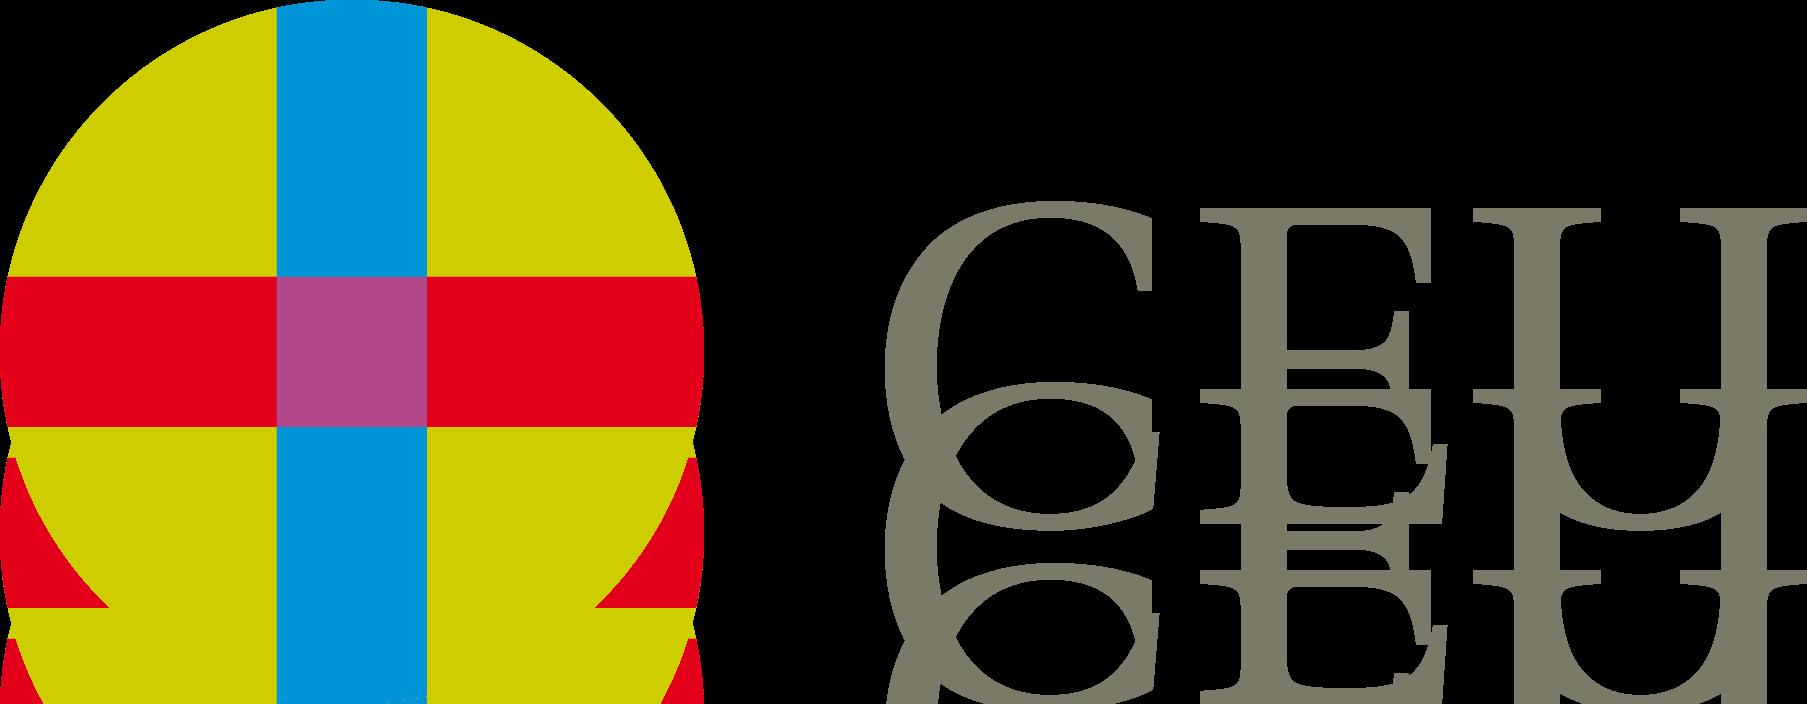 http://www.upm.es/